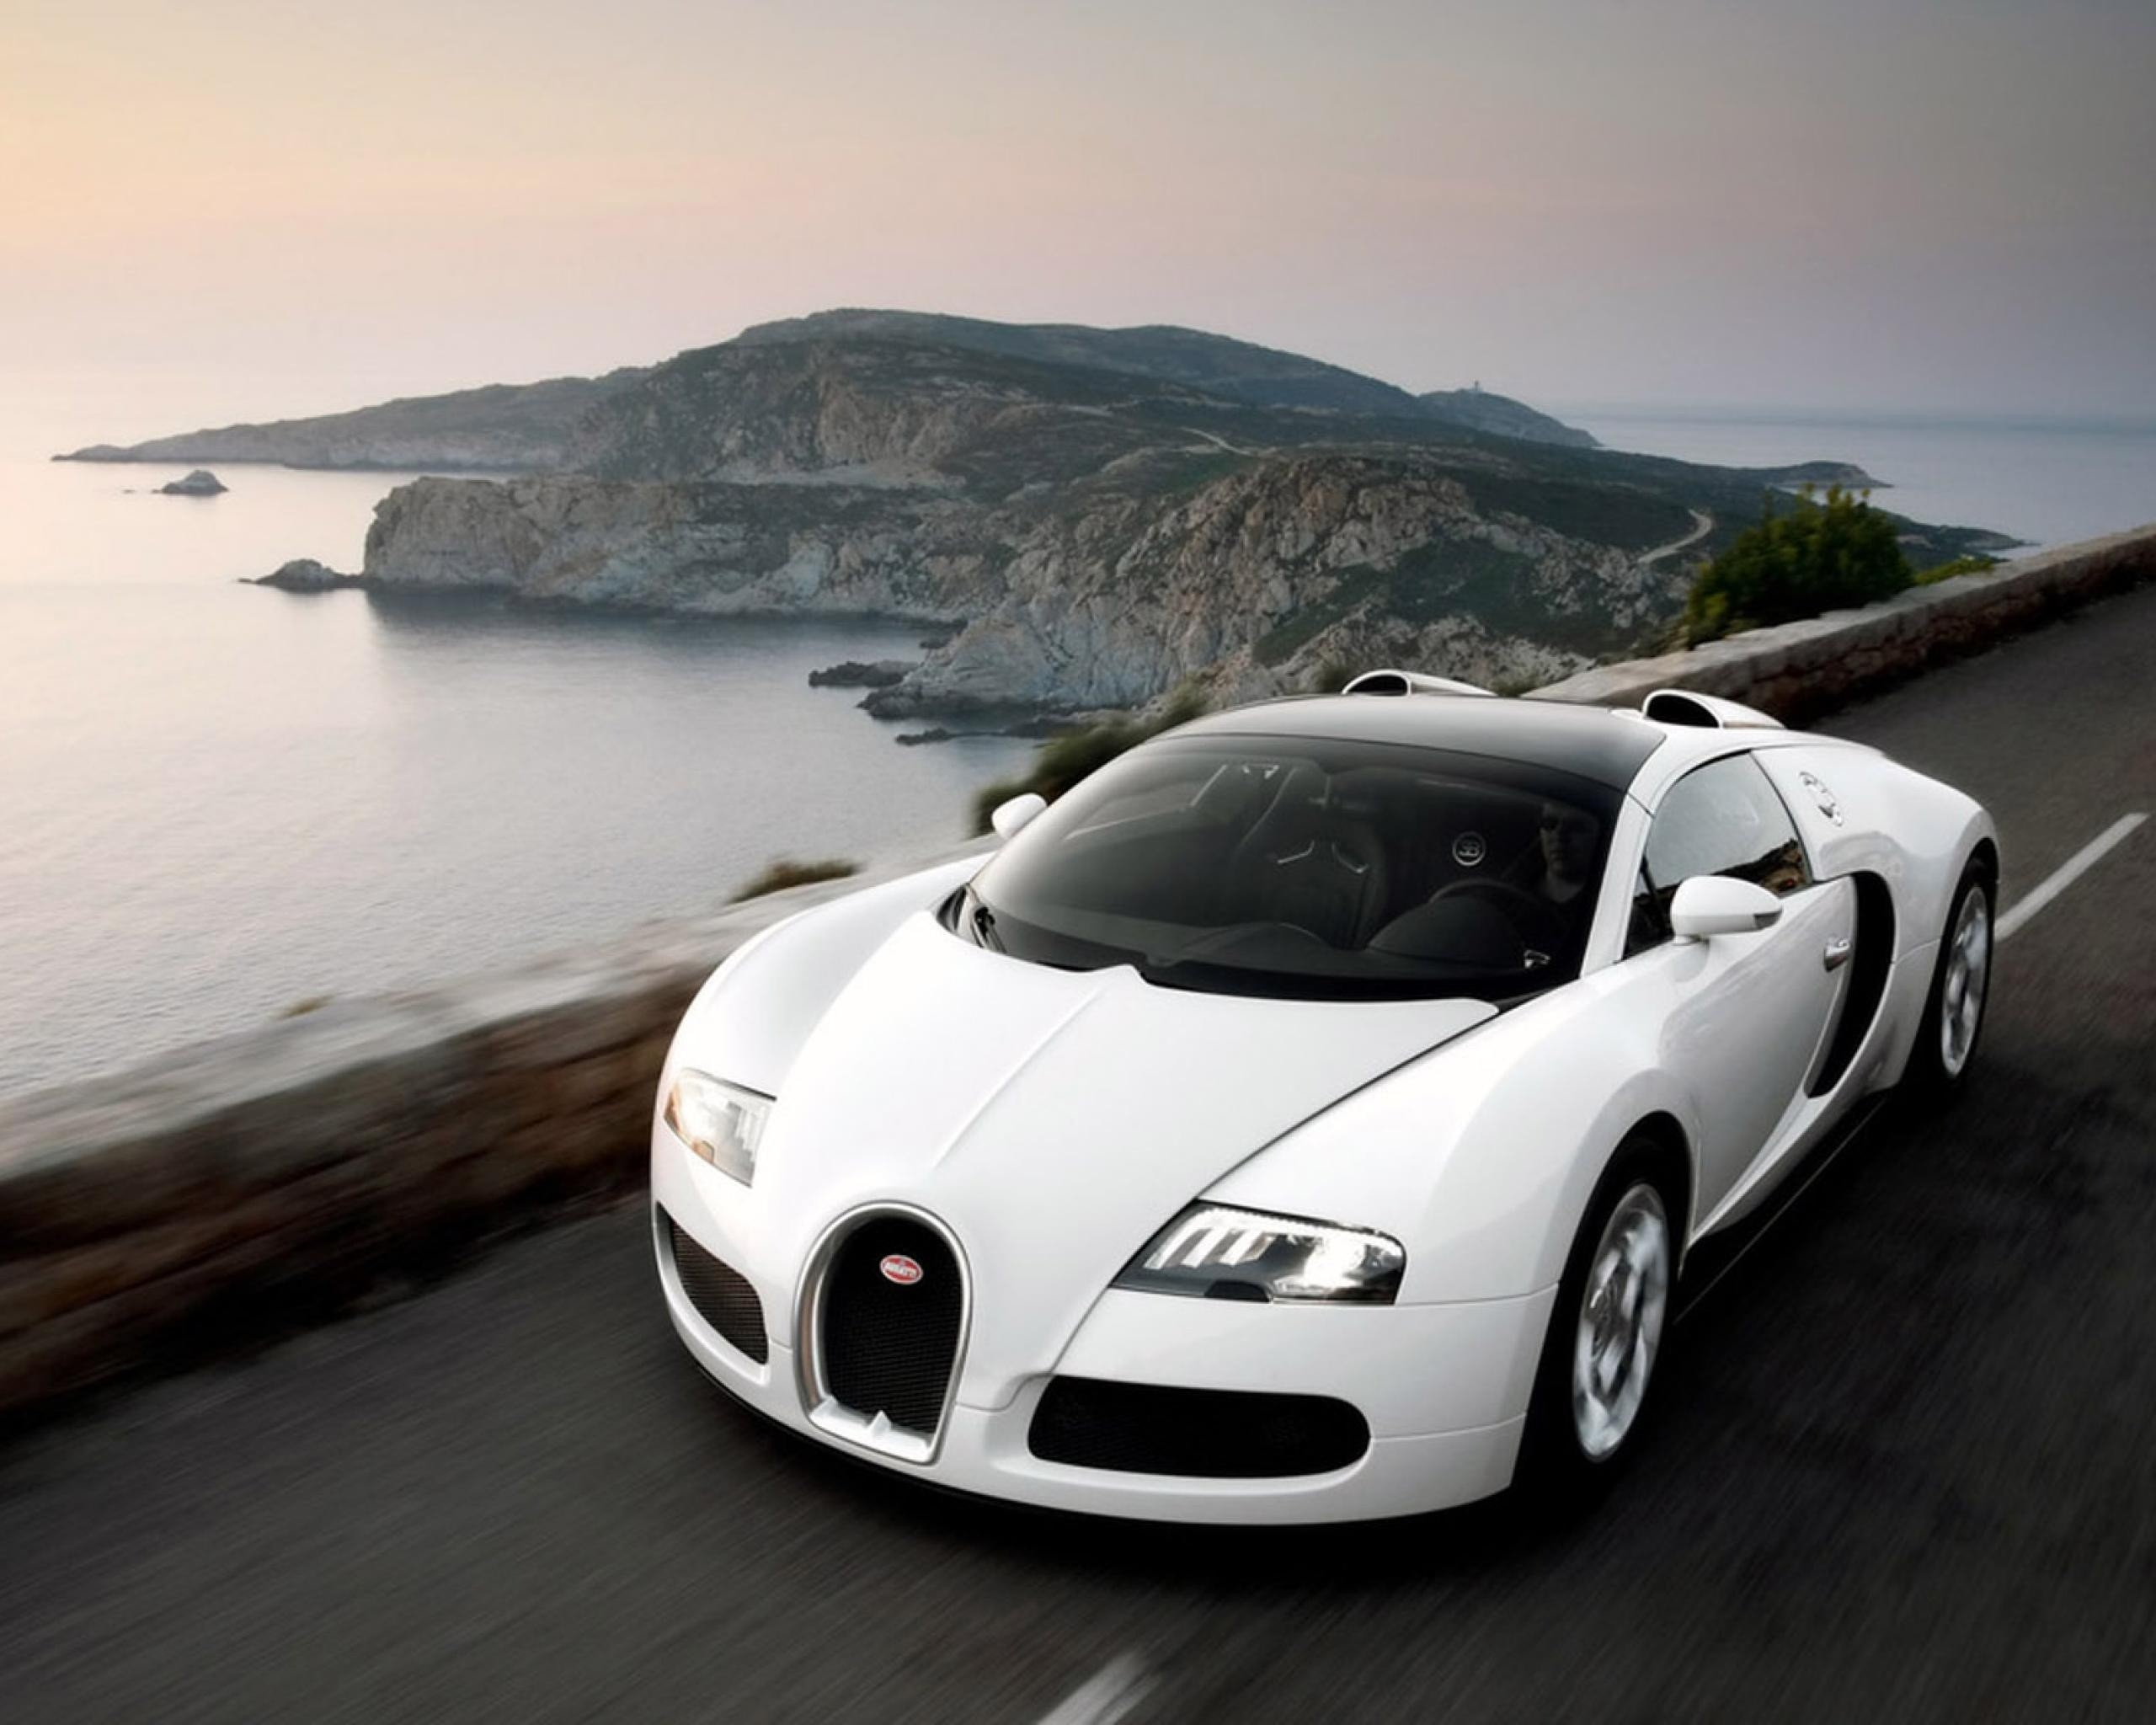 64921 скачать обои Тачки (Cars), Бугатти (Bugatti), Белый, Машины, Скорость - заставки и картинки бесплатно